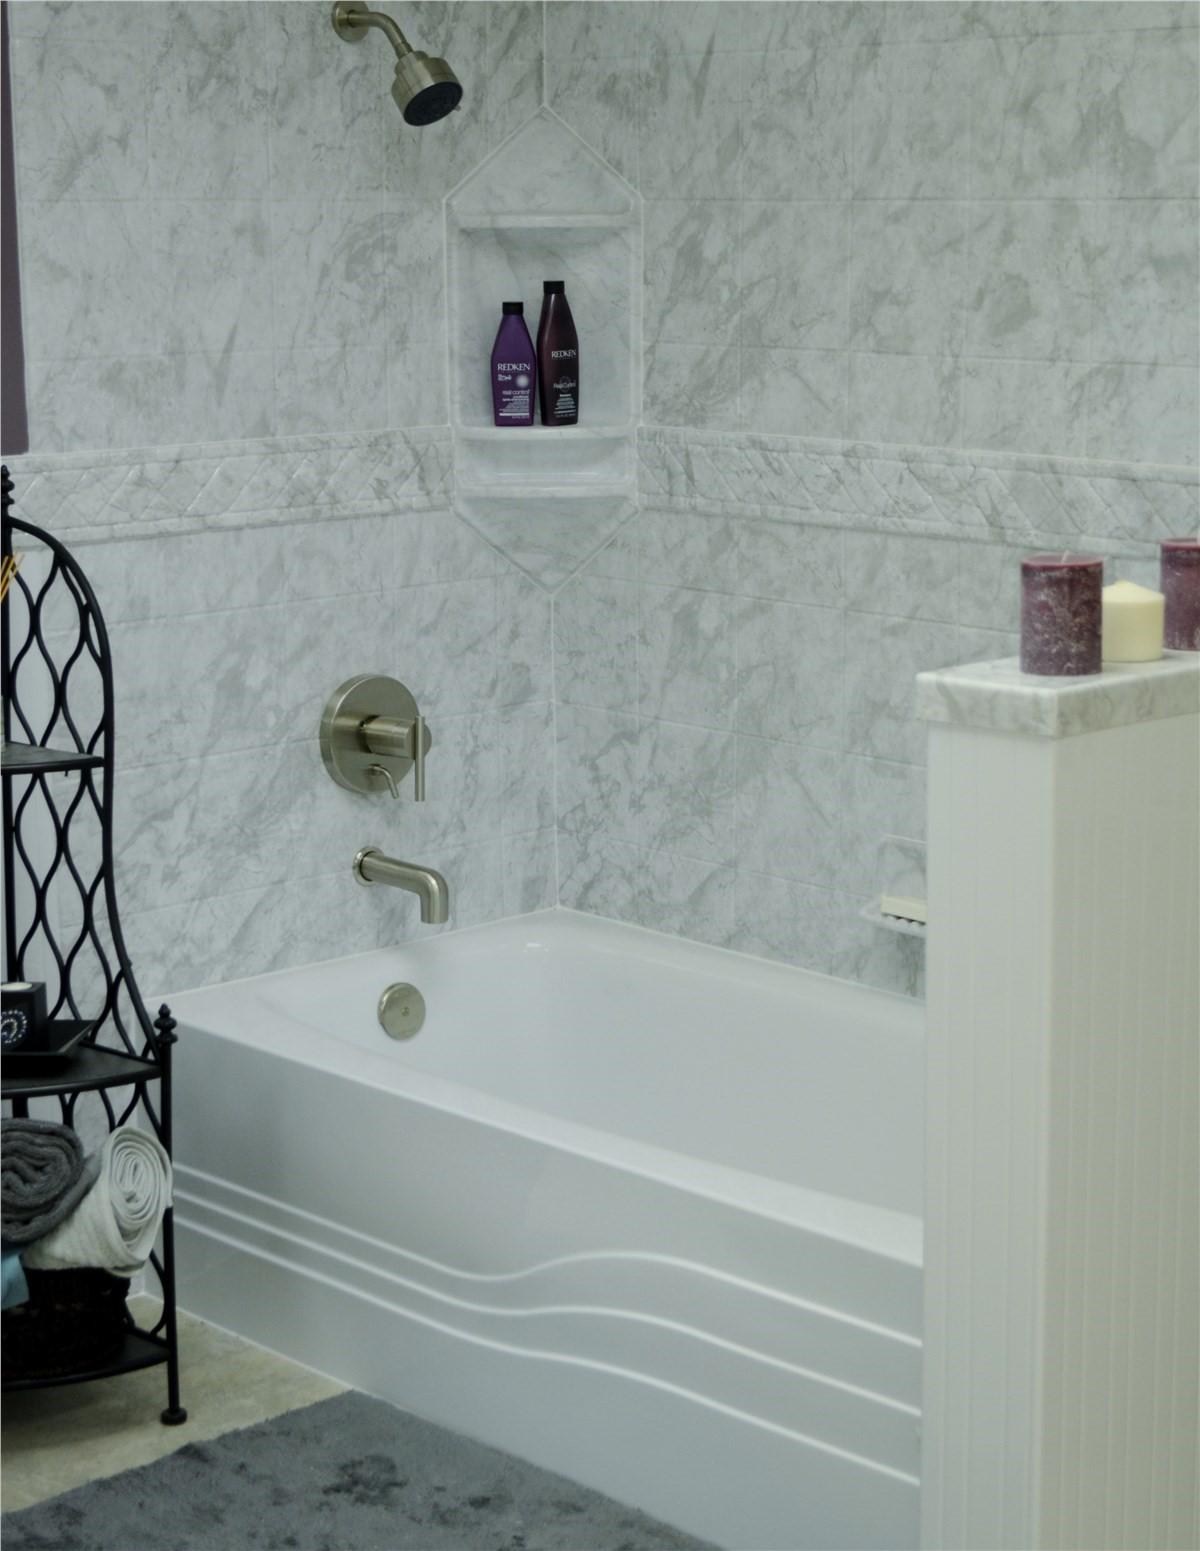 New Bathtubs Elmira | Elmira New Bathtub Installation | Bath Planet ...